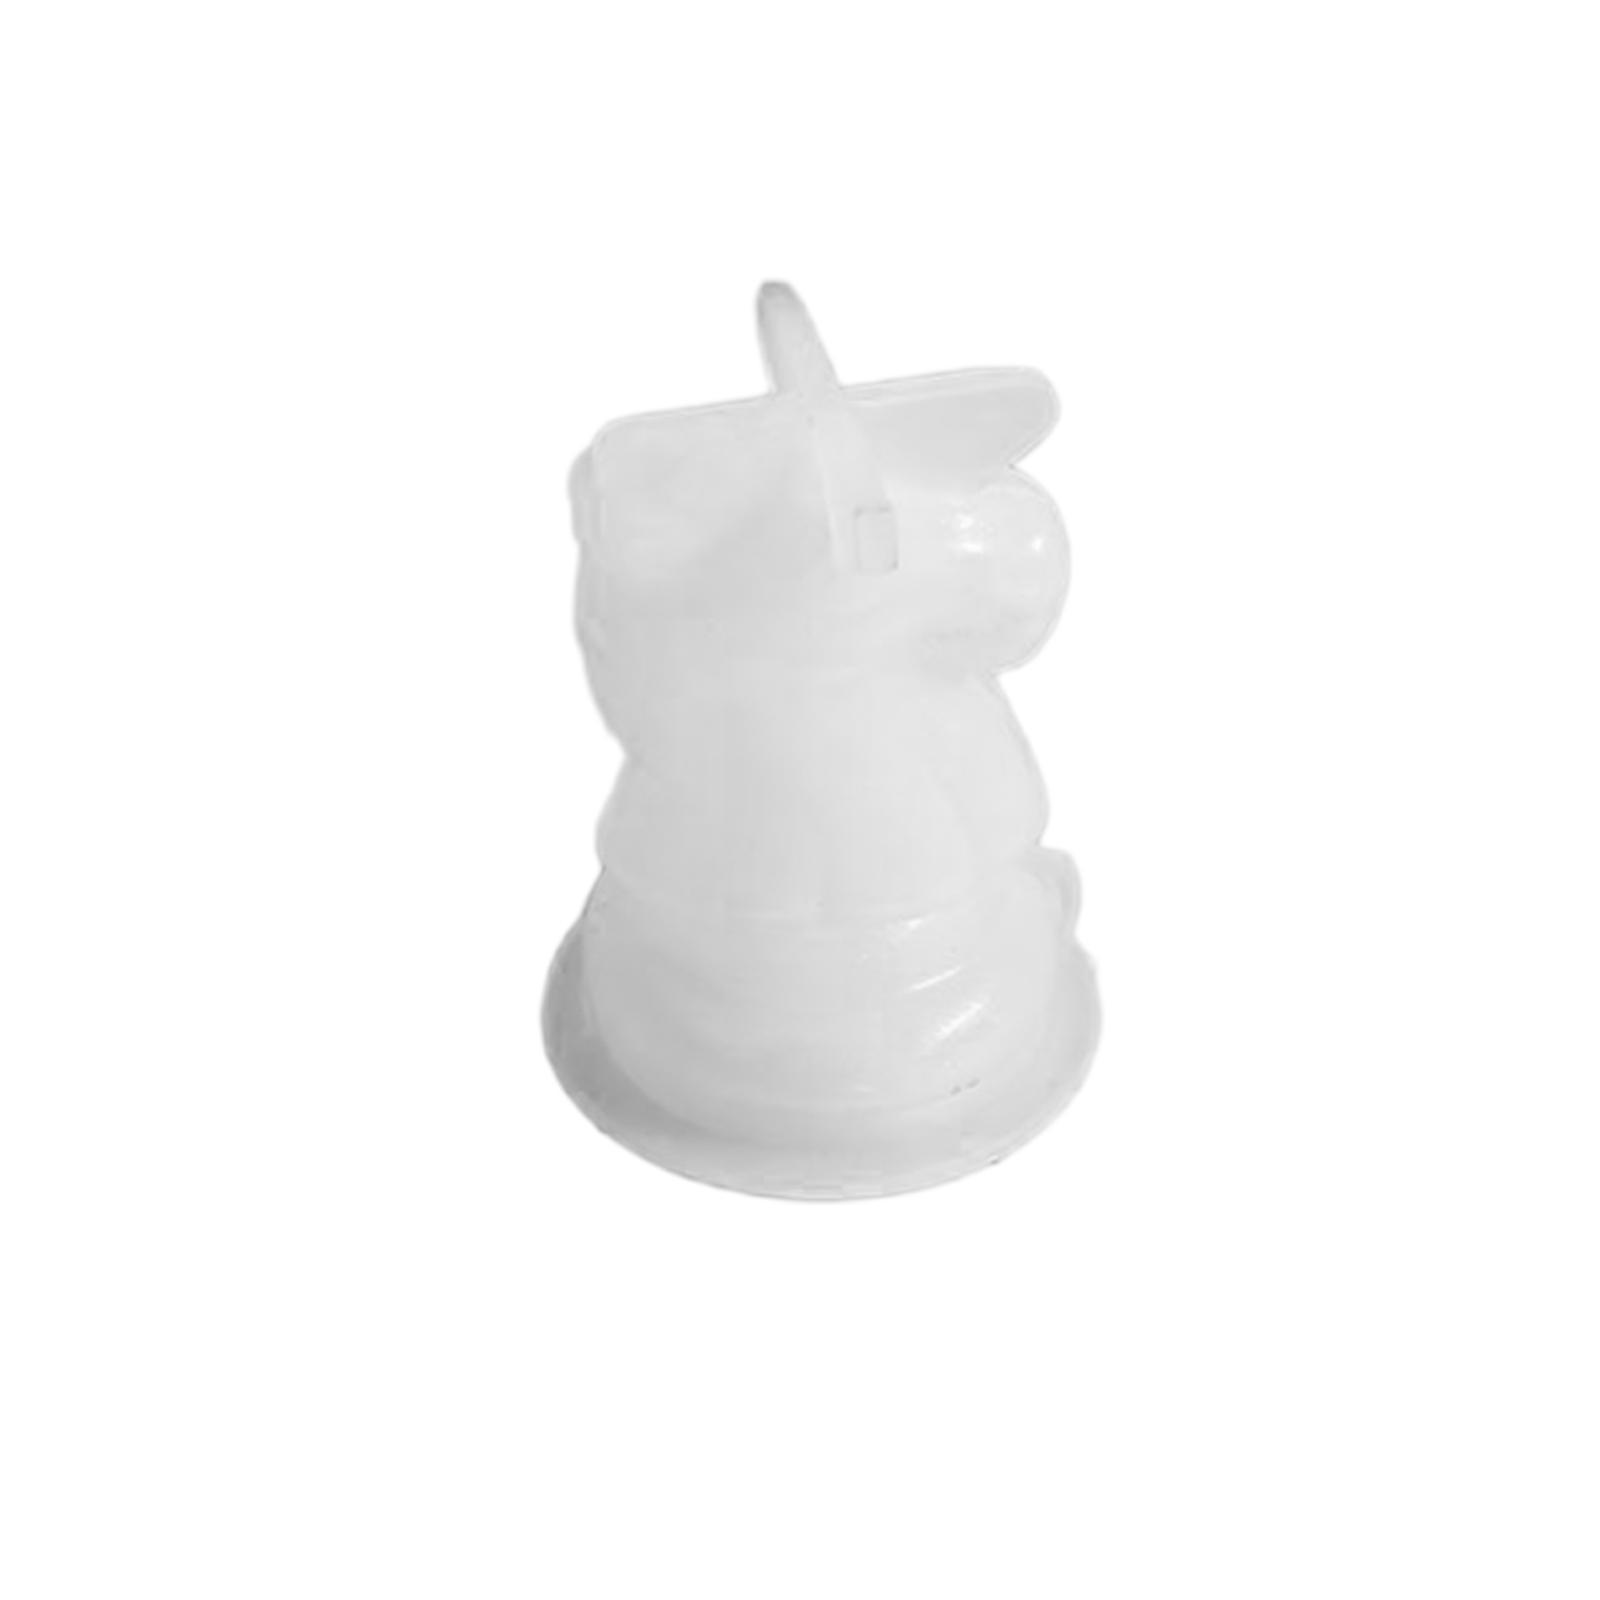 miniatura 4 - Scacchi Bordo Stampo In Silicone Pezzo Degli Scacchi Casting Mould